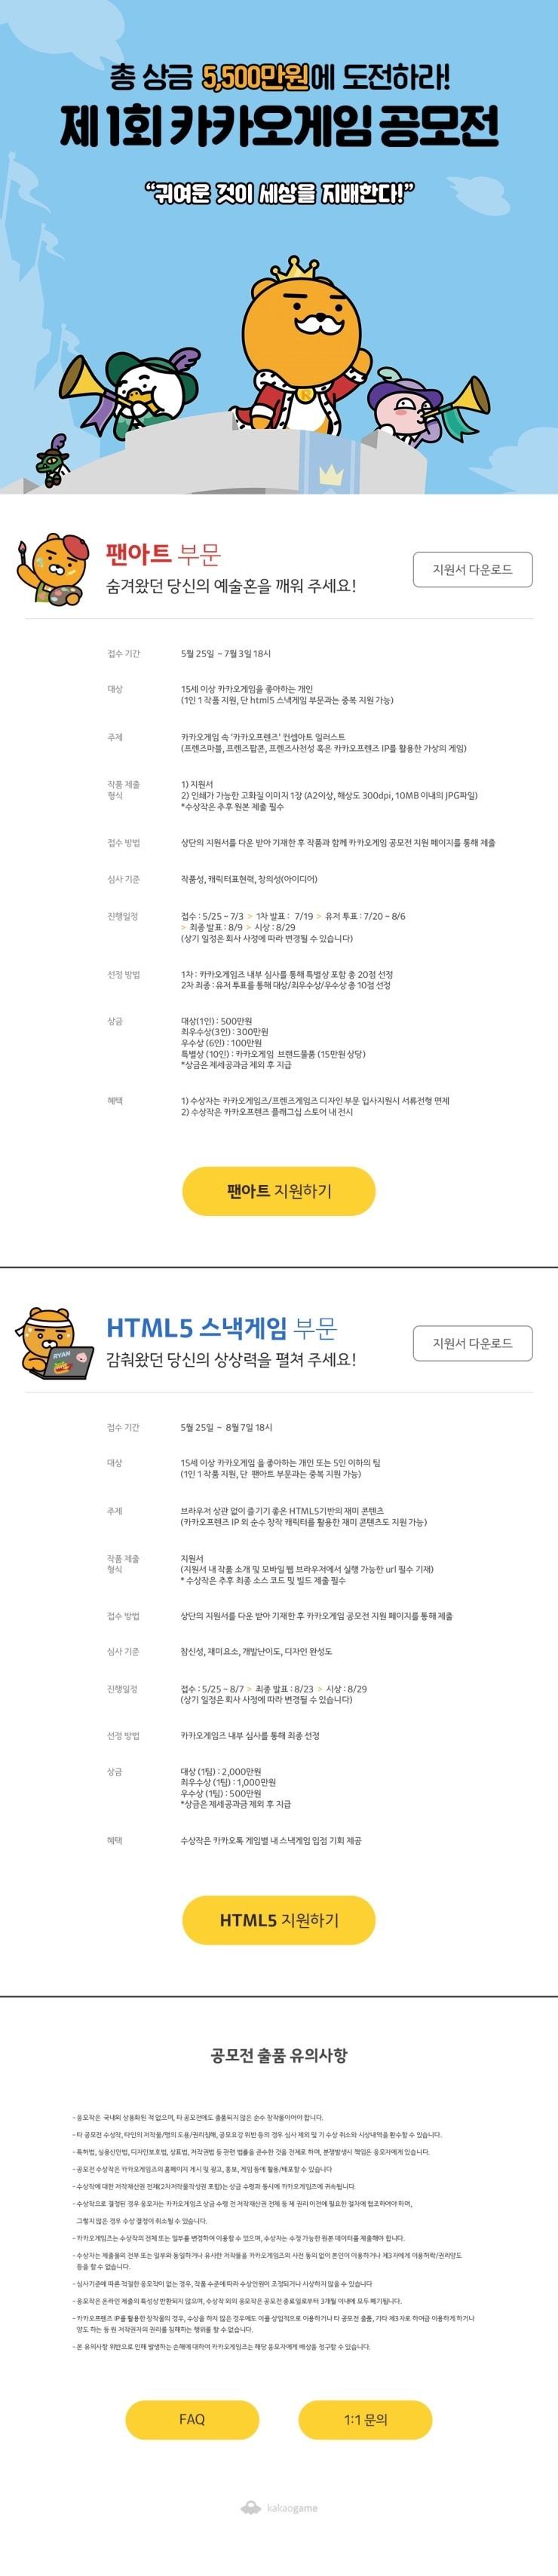 ★총상금5,500만원★ 제 1회 카카오게임 공모전 (~7/3)